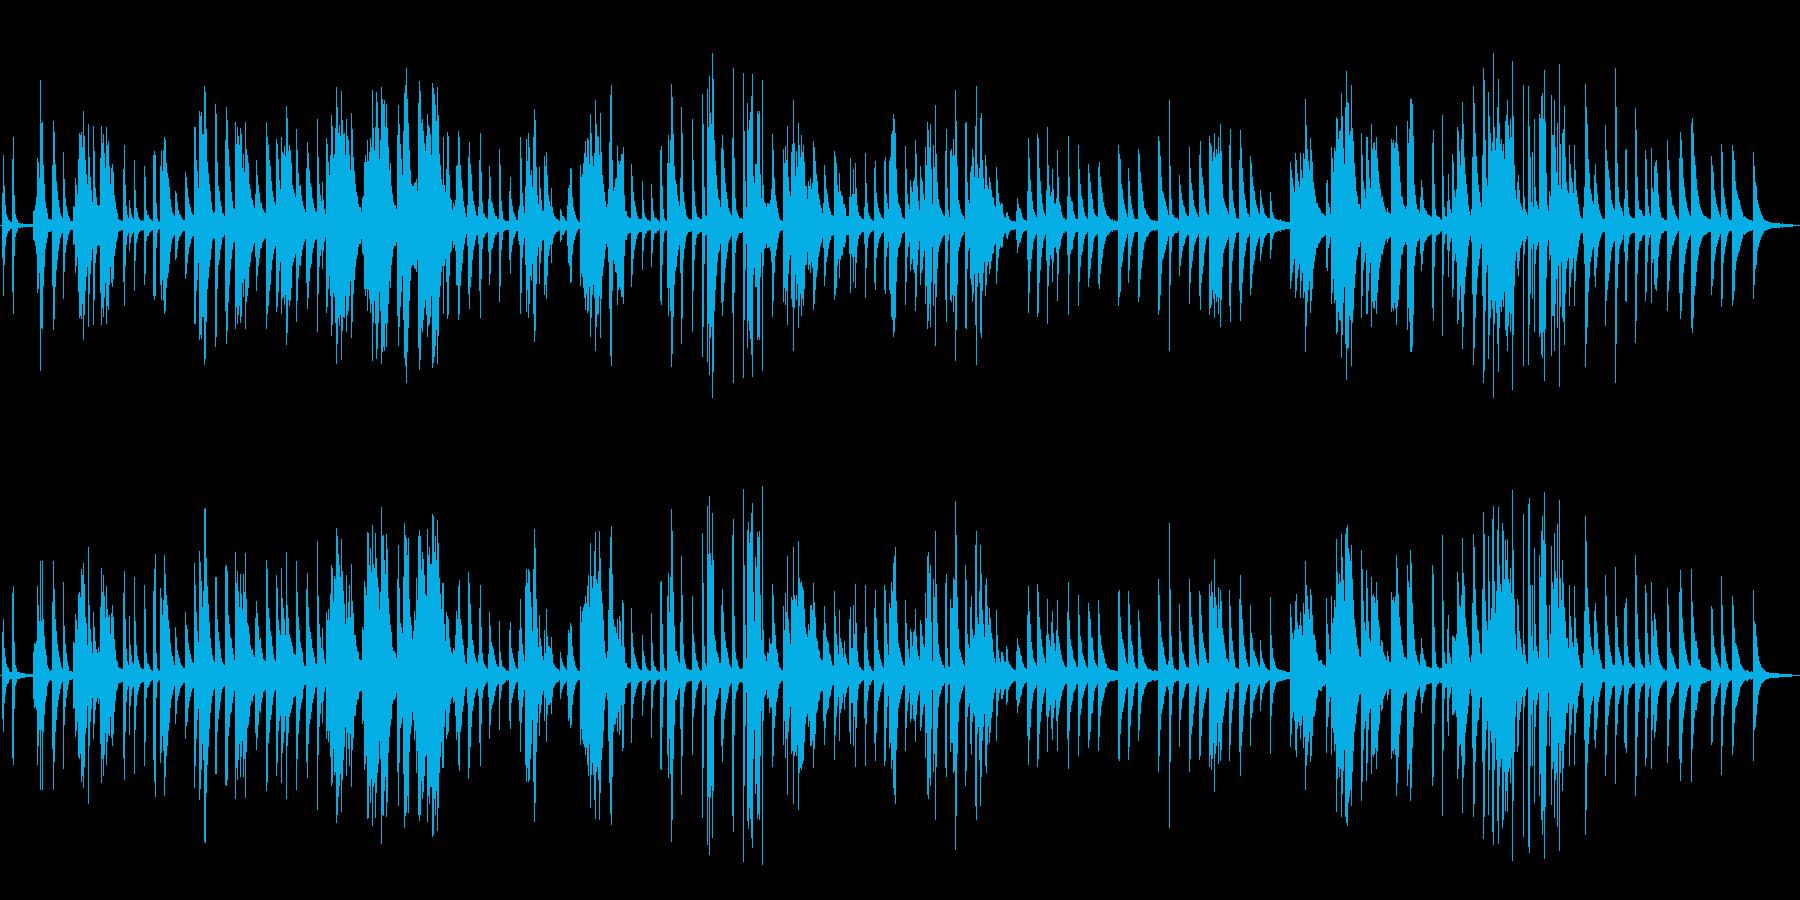 ピアノ楽曲です。24bit,48kHz…の再生済みの波形